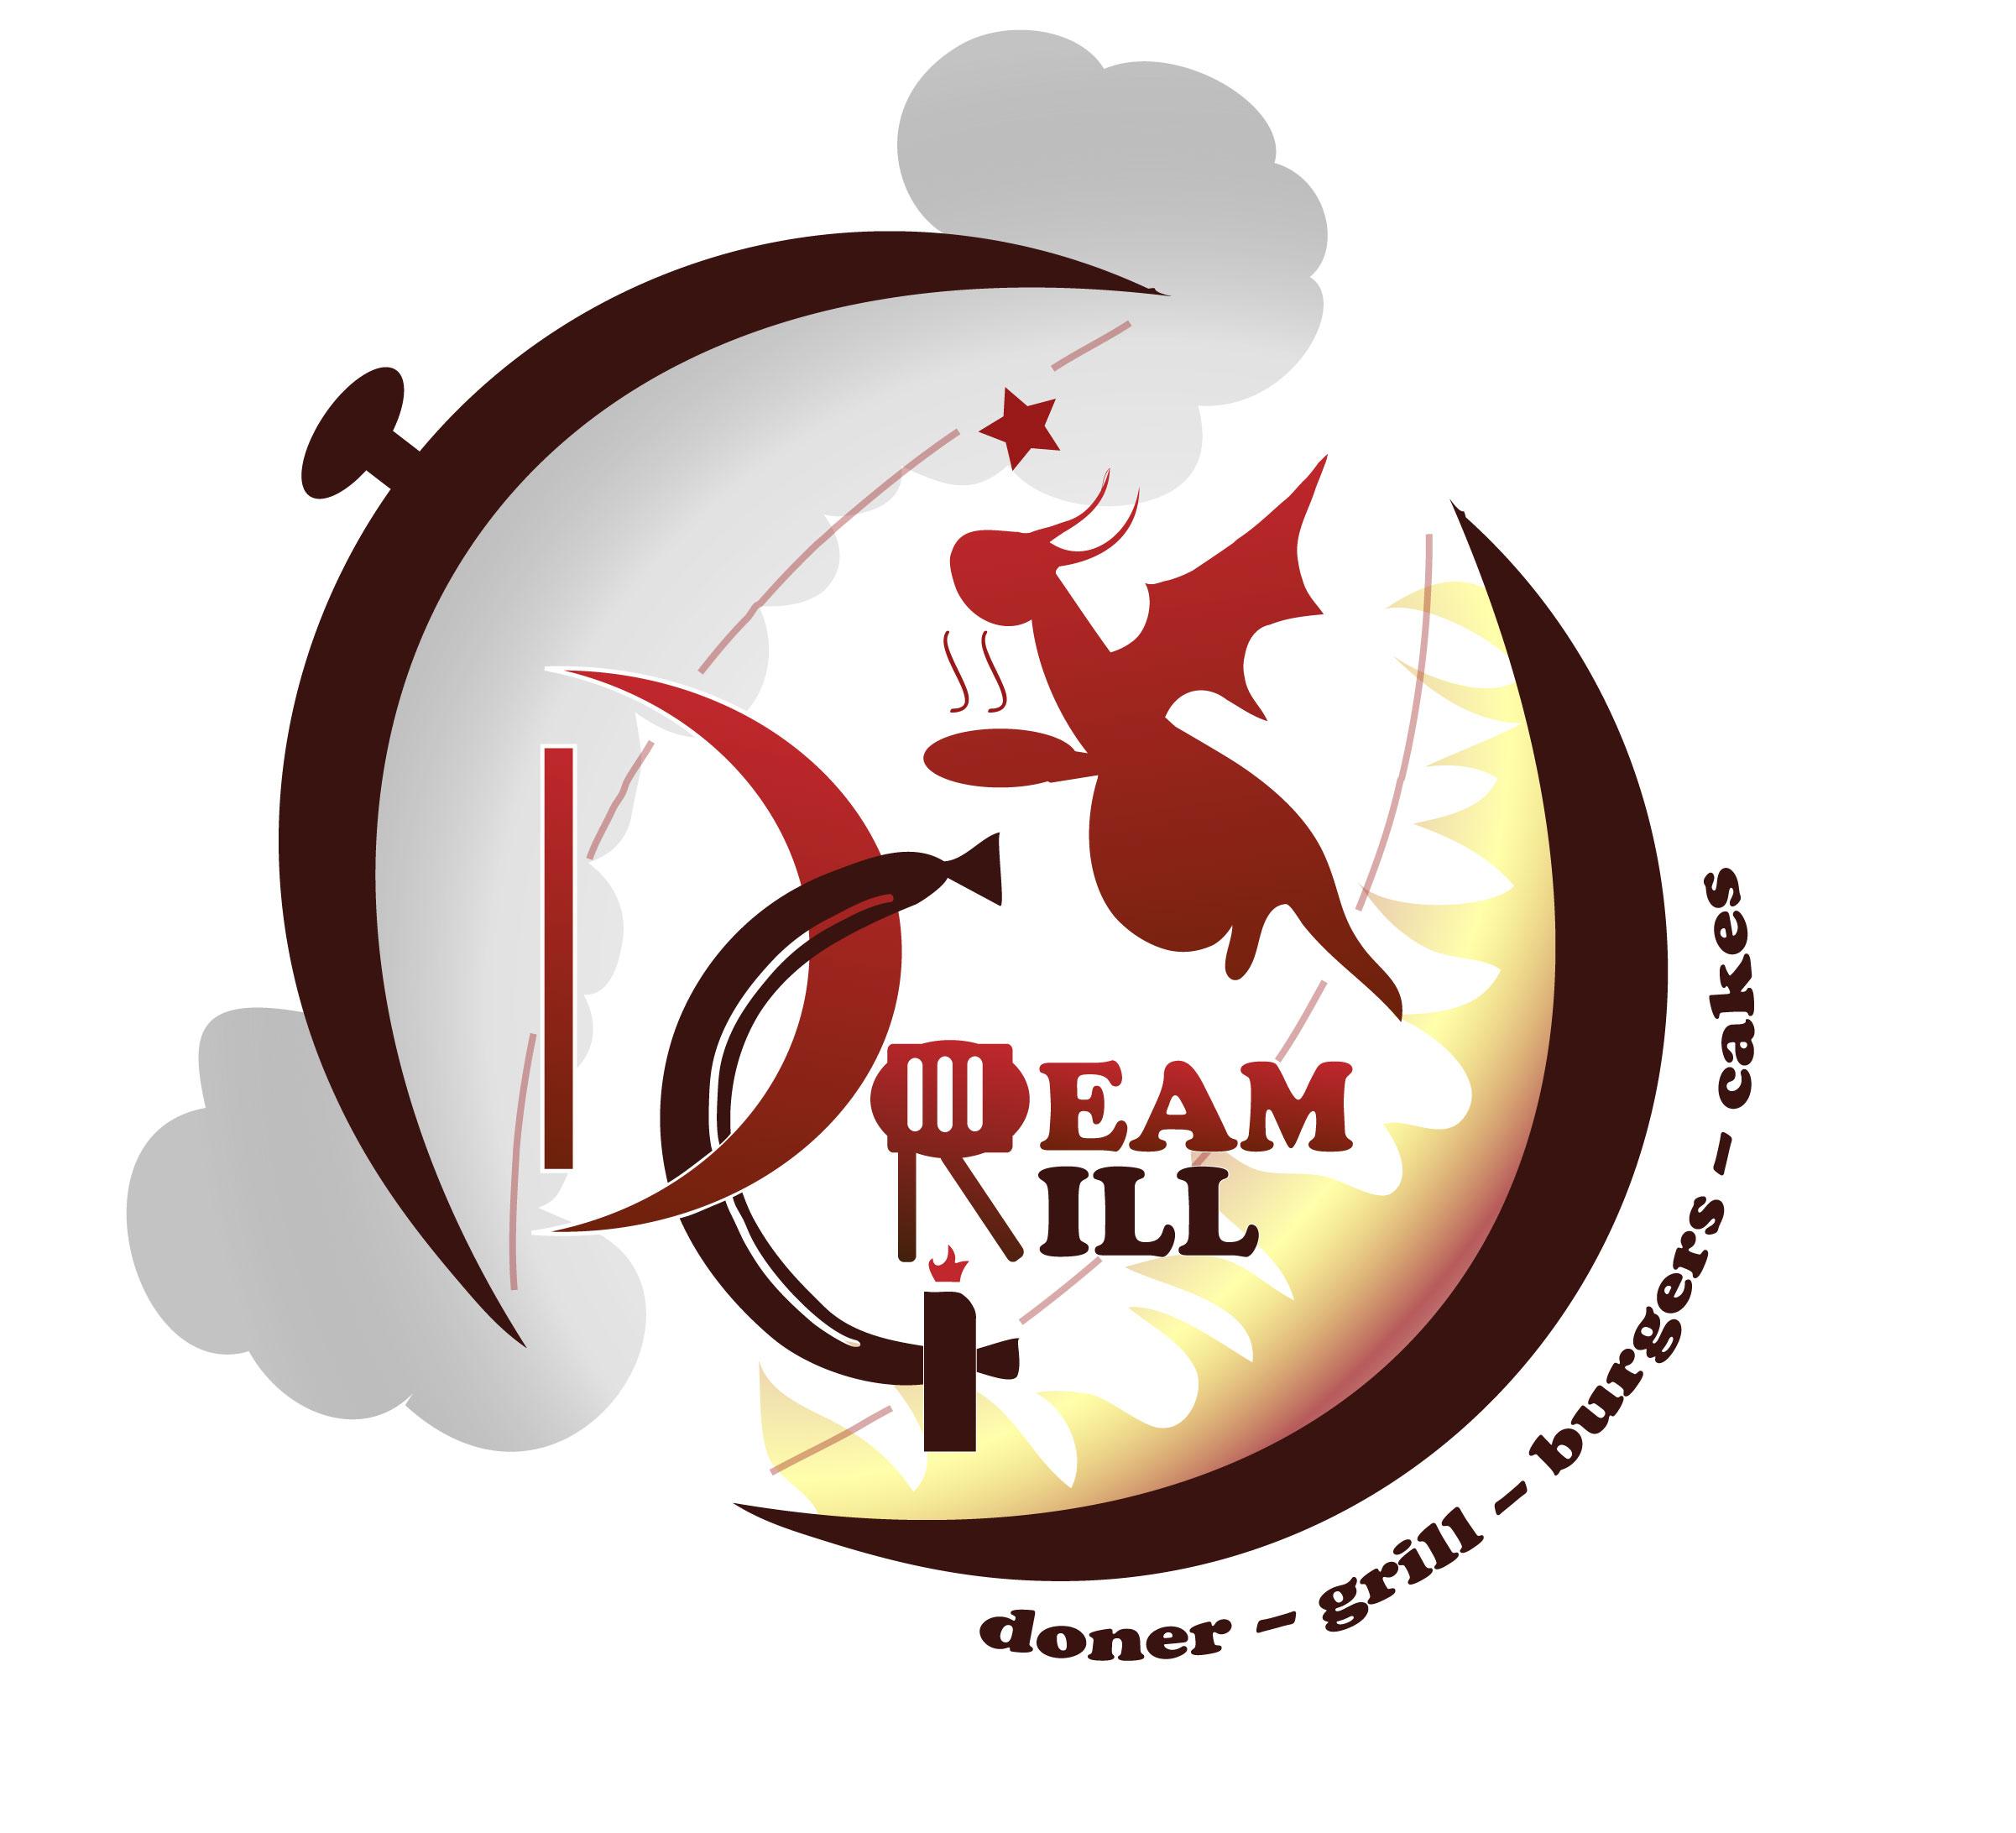 Разработка логотипа для фастфуда фото f_4945554dd1ddda7c.jpg